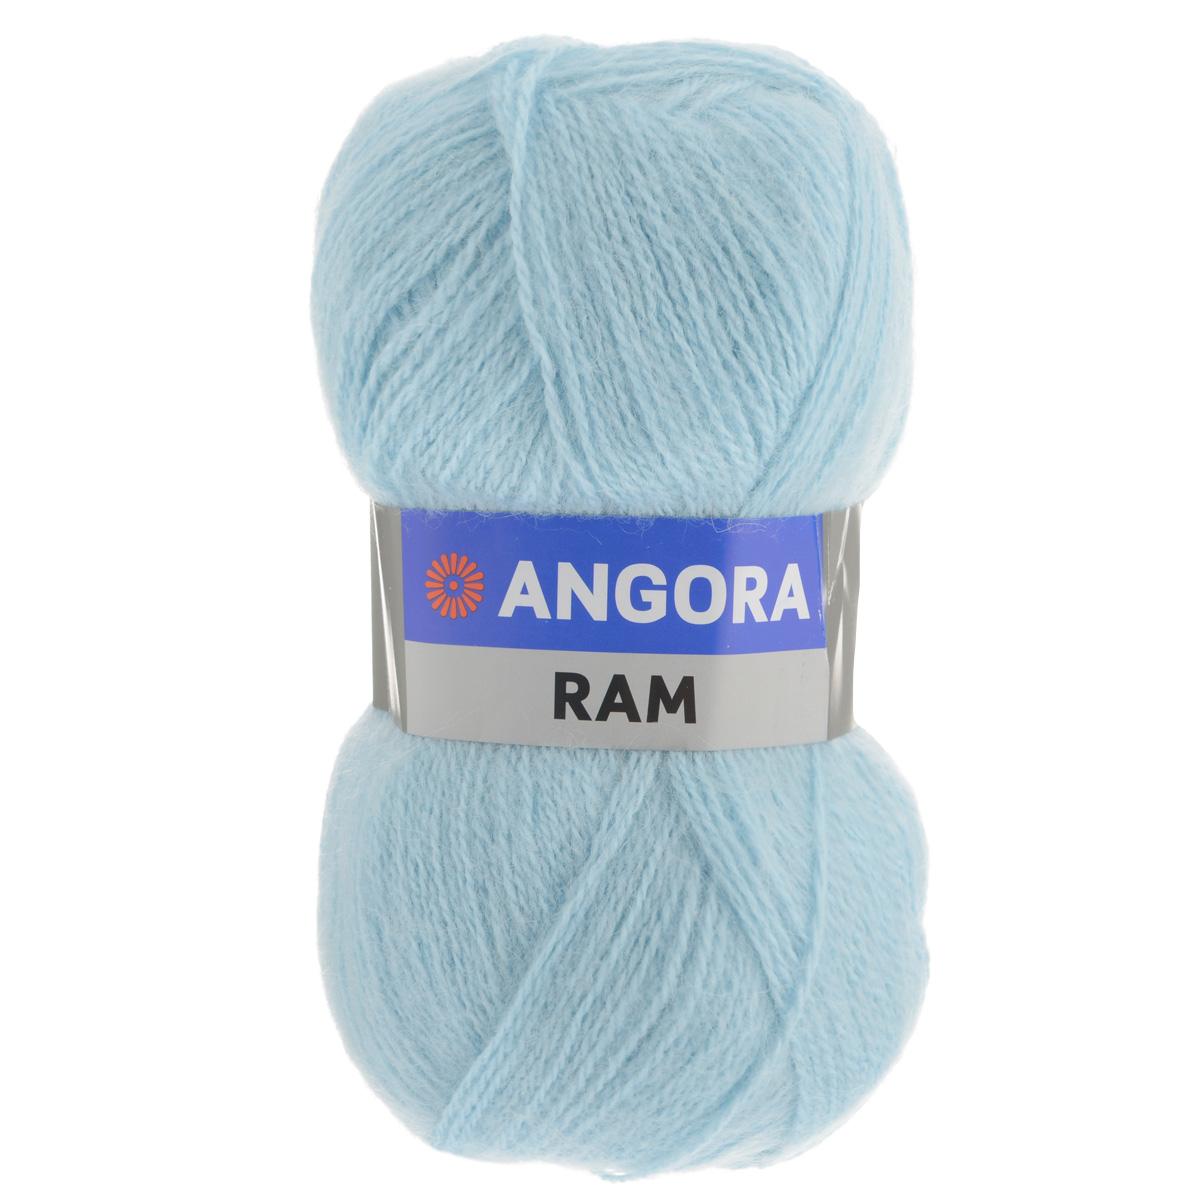 Пряжа для вязания YarnArt Angora Ram, цвет: светло-голубой (215), 500 м, 100 г, 5 шт372037_215Пряжа для вязания YarnArt Angora Ram изготовлена из натурального мохера с добавлением акрила. Пряжа из такого материала обладает повышенной прочностью и эластичностью, а изделия получаются теплые и уютные. Скрутка нити плотная, равномерная, не расслаивается, не путается, хорошо скользит по спицам, вяжется очень легко. Петли выглядят аккуратно, а натуральный мохер обеспечивает теплоту, легкость и превосходный внешний вид. Нить можно комбинировать с полушерстяными пряжами для смягчения рисунка, придания благородной пушистости фактуре нити, а также для улучшения тепловых характеристик. Благодаря содержанию синтетических волокон, изделия из YarnArt Angora Ram устойчива к скатыванию, а благодаря своей мягкости подходит для детских вещей. Ажурные вещи из этой пряжи сохраняют тепло не хуже плотного вязания, оставаясь легкими и объемными. Рекомендована ручная стирка до 30°C. Рекомендованные спицы и крючок для вязания 4 мм. Состав: 40% мохер,...